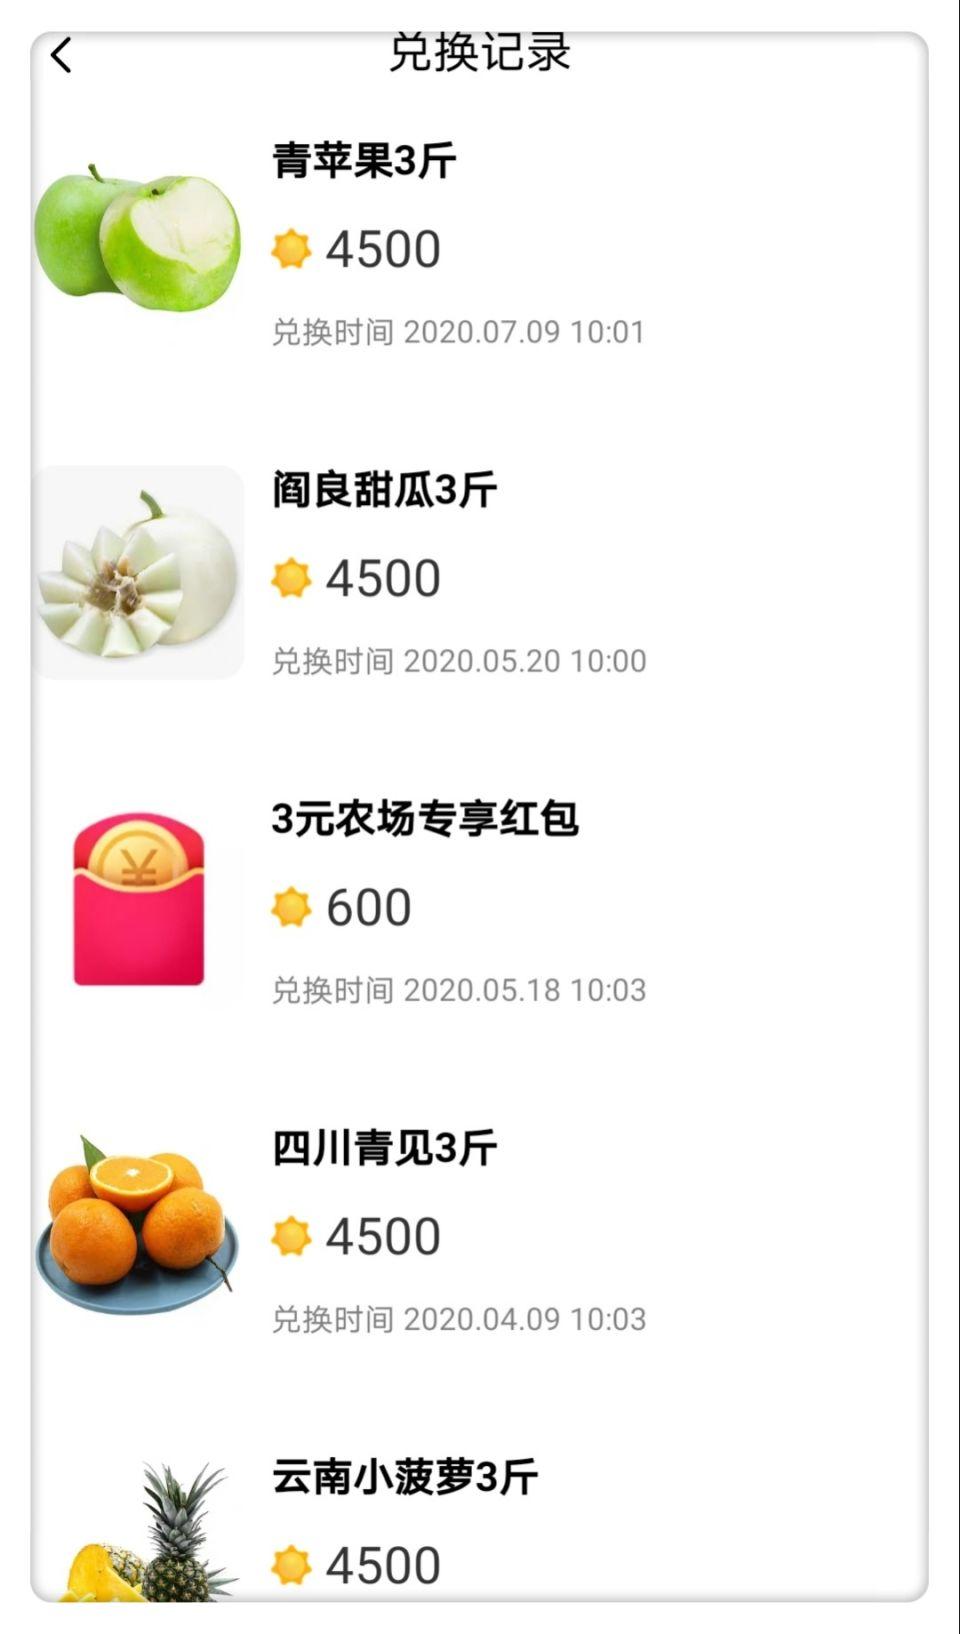 Screenshot_20200716_224727_mh1594910902605.jpg